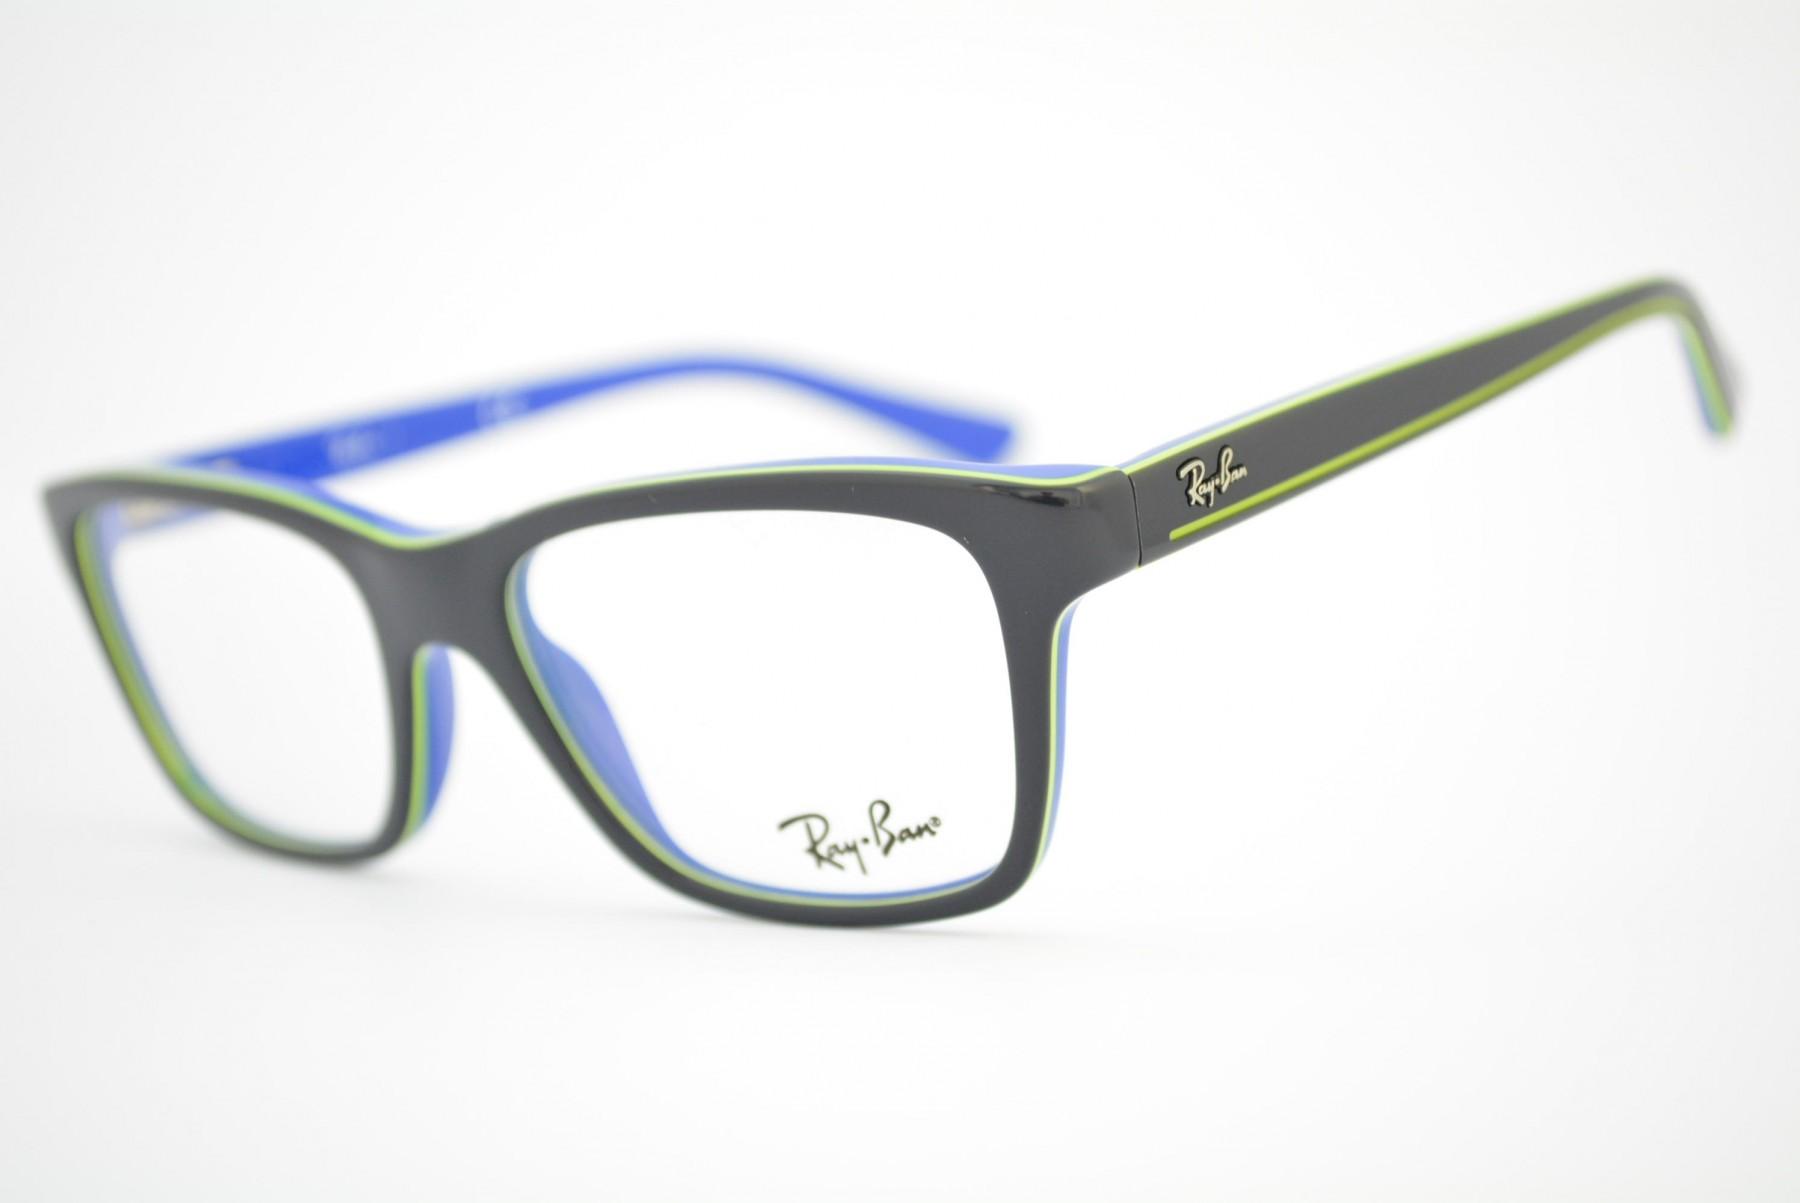 5efbcac42c66a armação de óculos Ray Ban Infantil mod rb1536 3600. Código  rb1536 3600